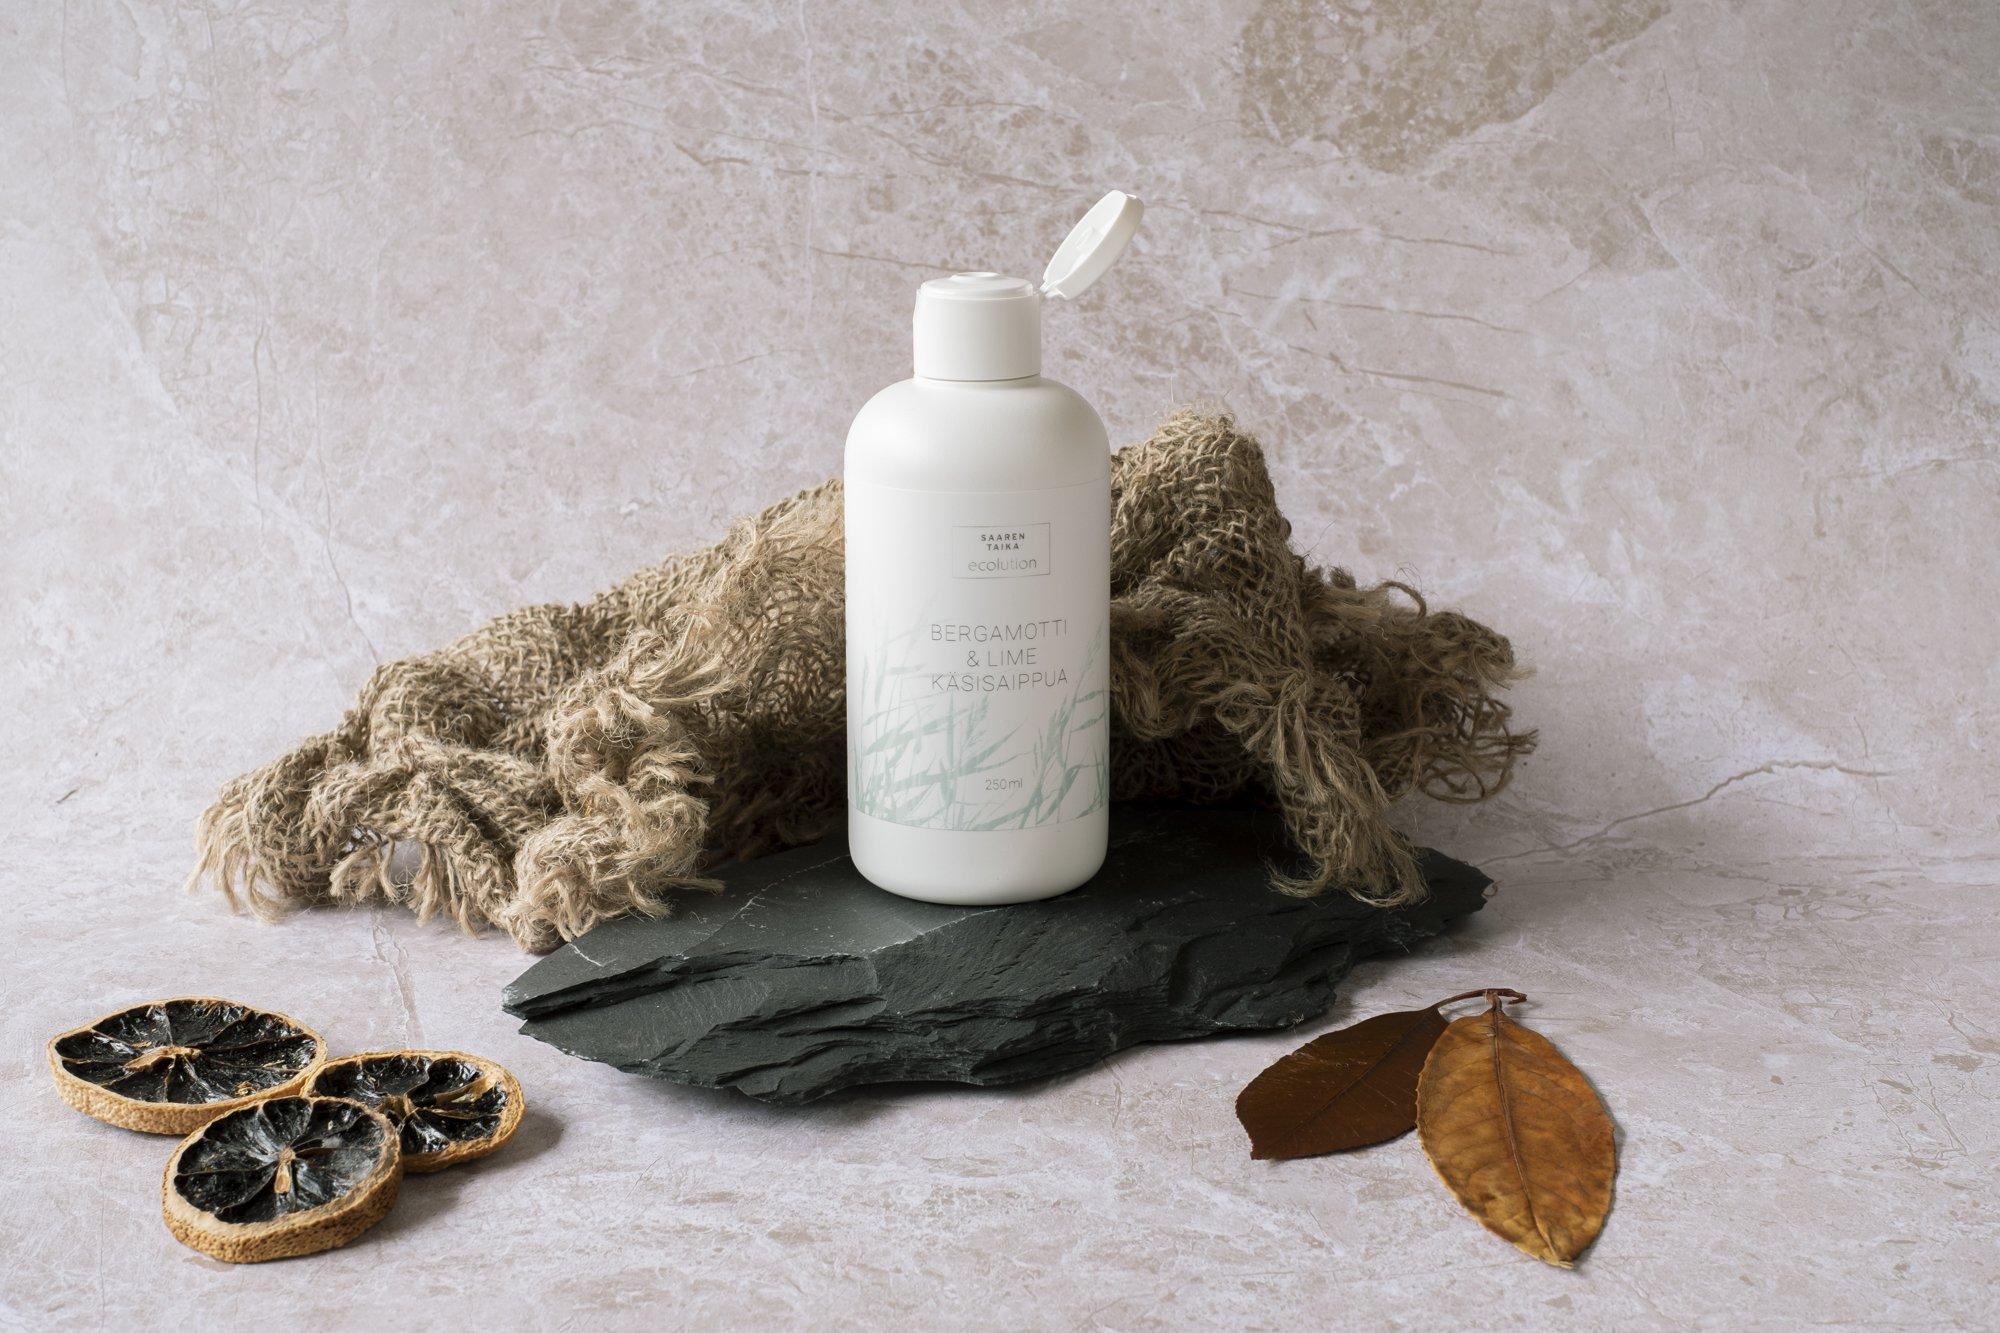 Ecolution Hellävarainen, virkistävä ja täyteläinen Bergamot & Lime Käsisaippua (käsienpesuvoide) 250ml - Sulfaatiton, parabeeniton, 95% luonnollinen